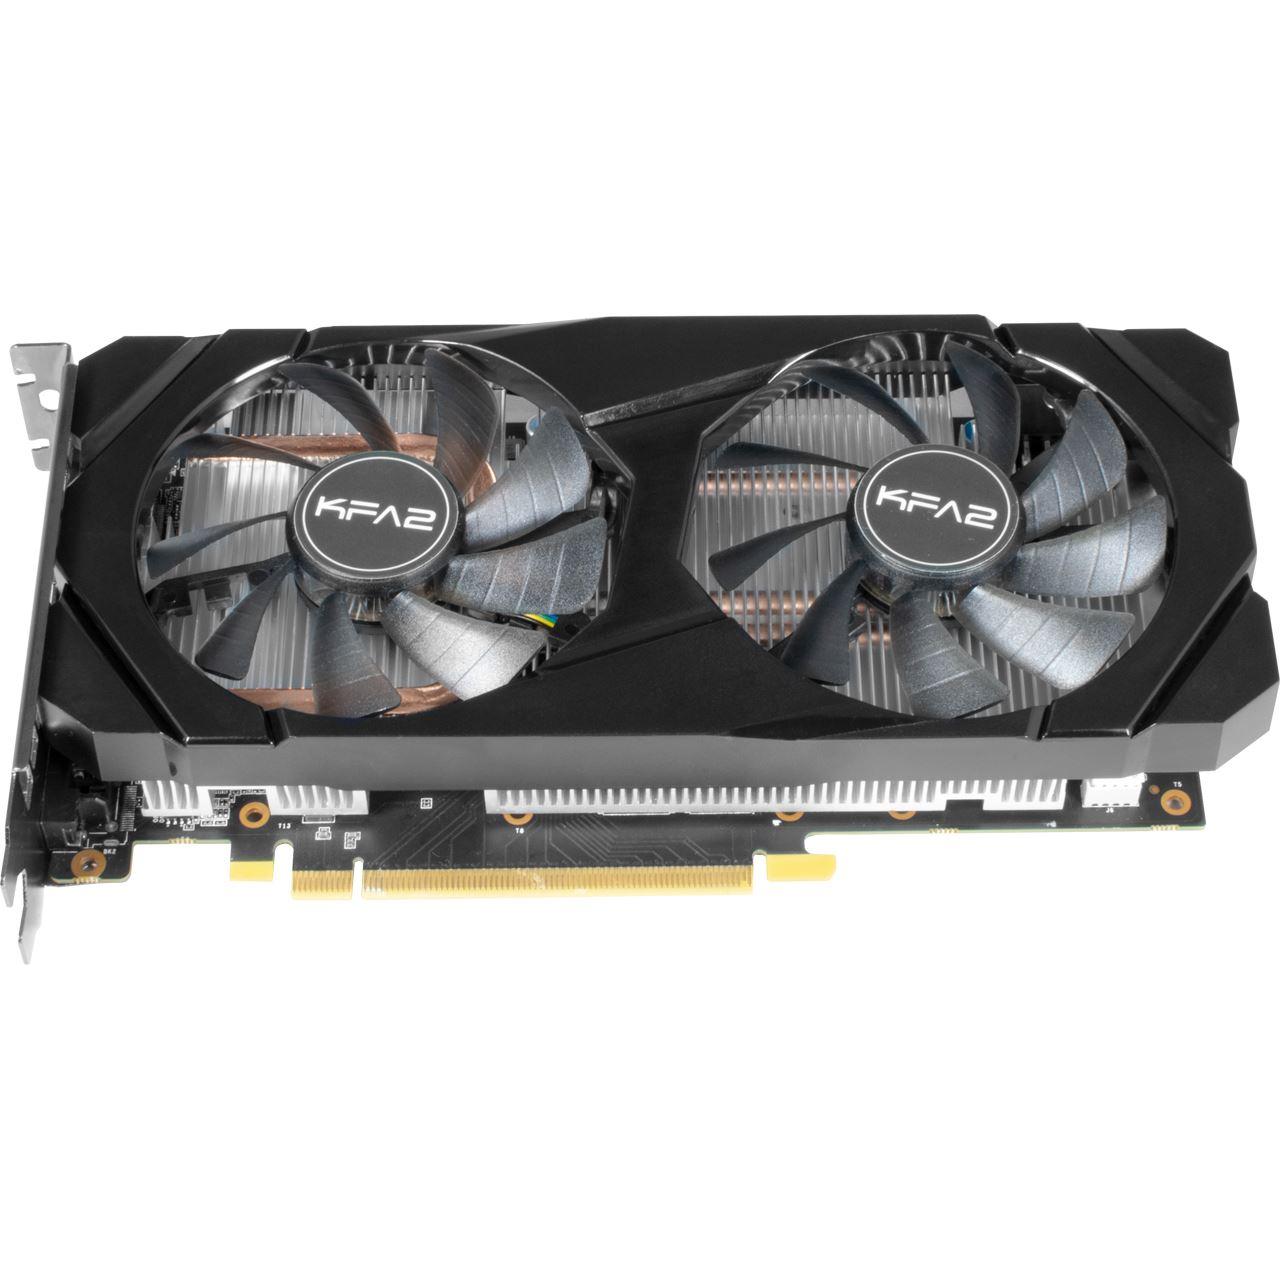 929-Intel